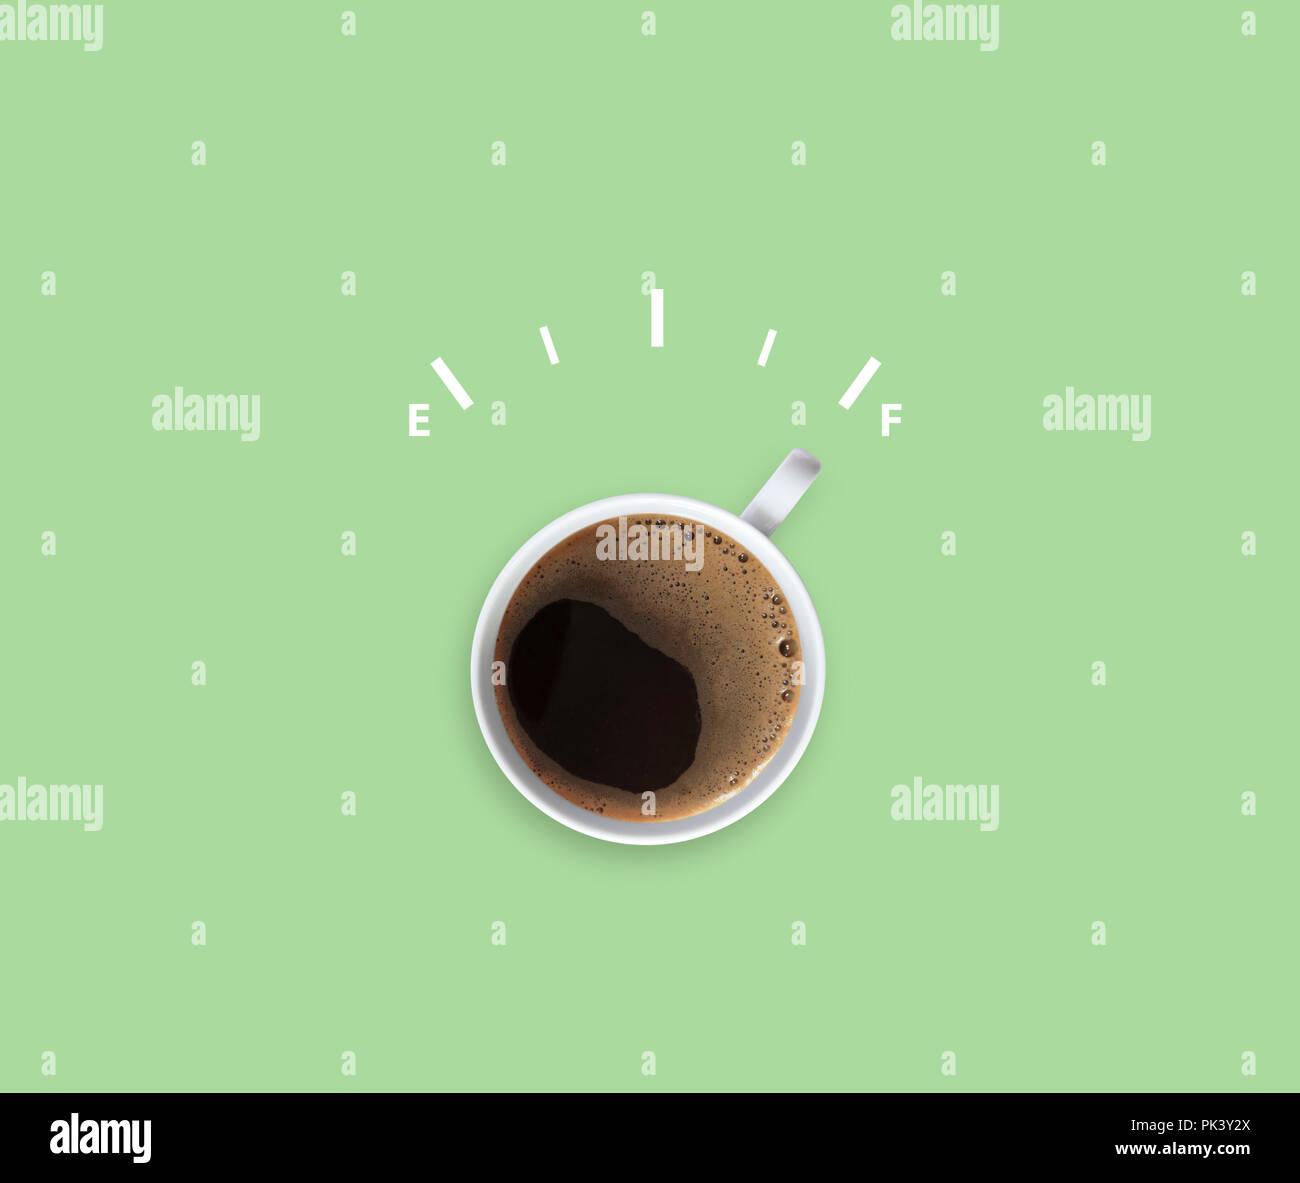 El café americano caliente con medidor de alerta, energía completa Imagen De Stock